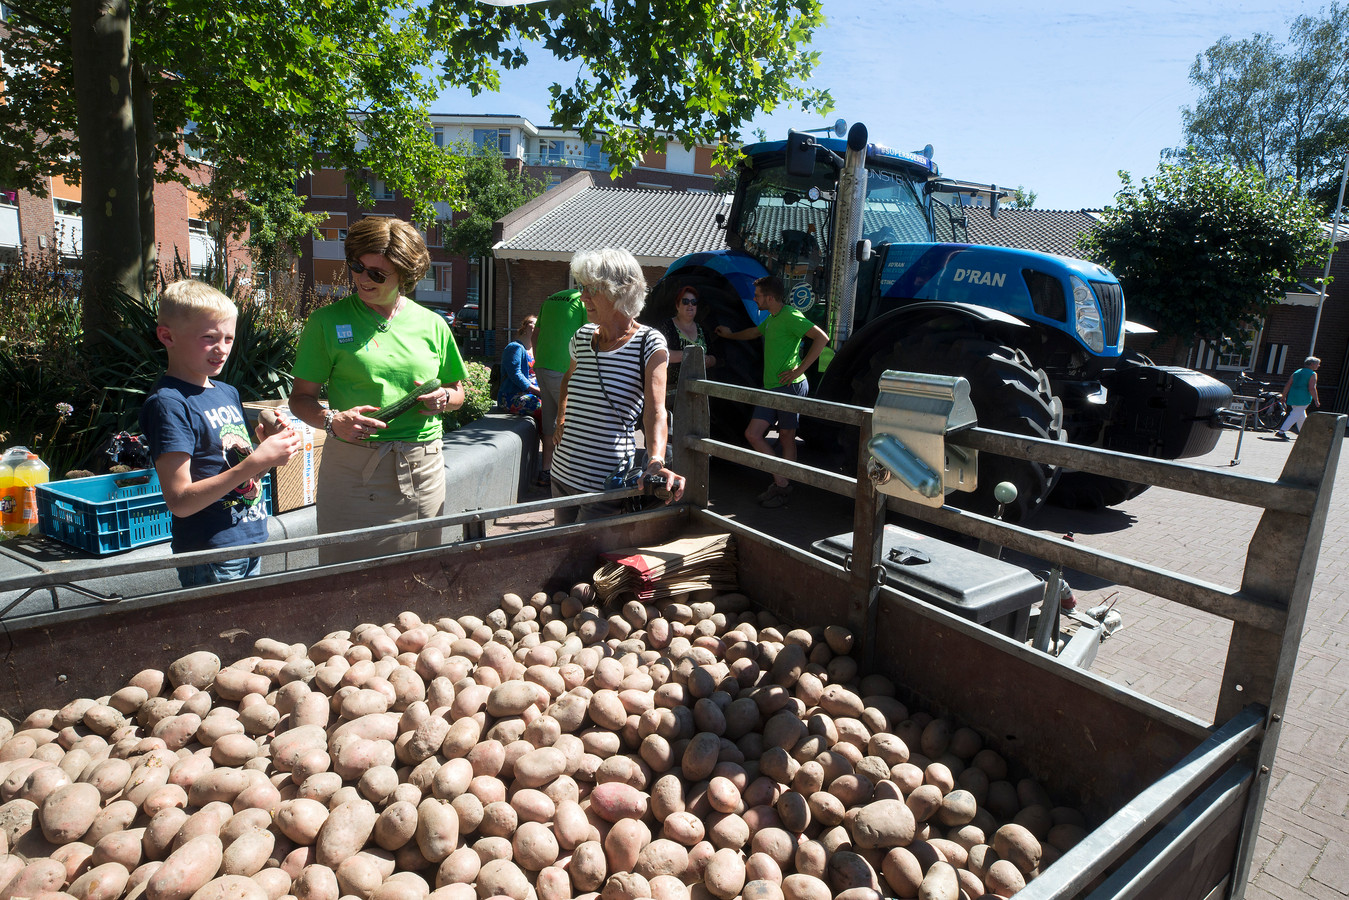 Boerin Carolien Hupkes vraagt aan bezoekers van de markt in Didam of zij een idee hebben van wat de boeren voor de aardappelen en komkommers ontvangen.